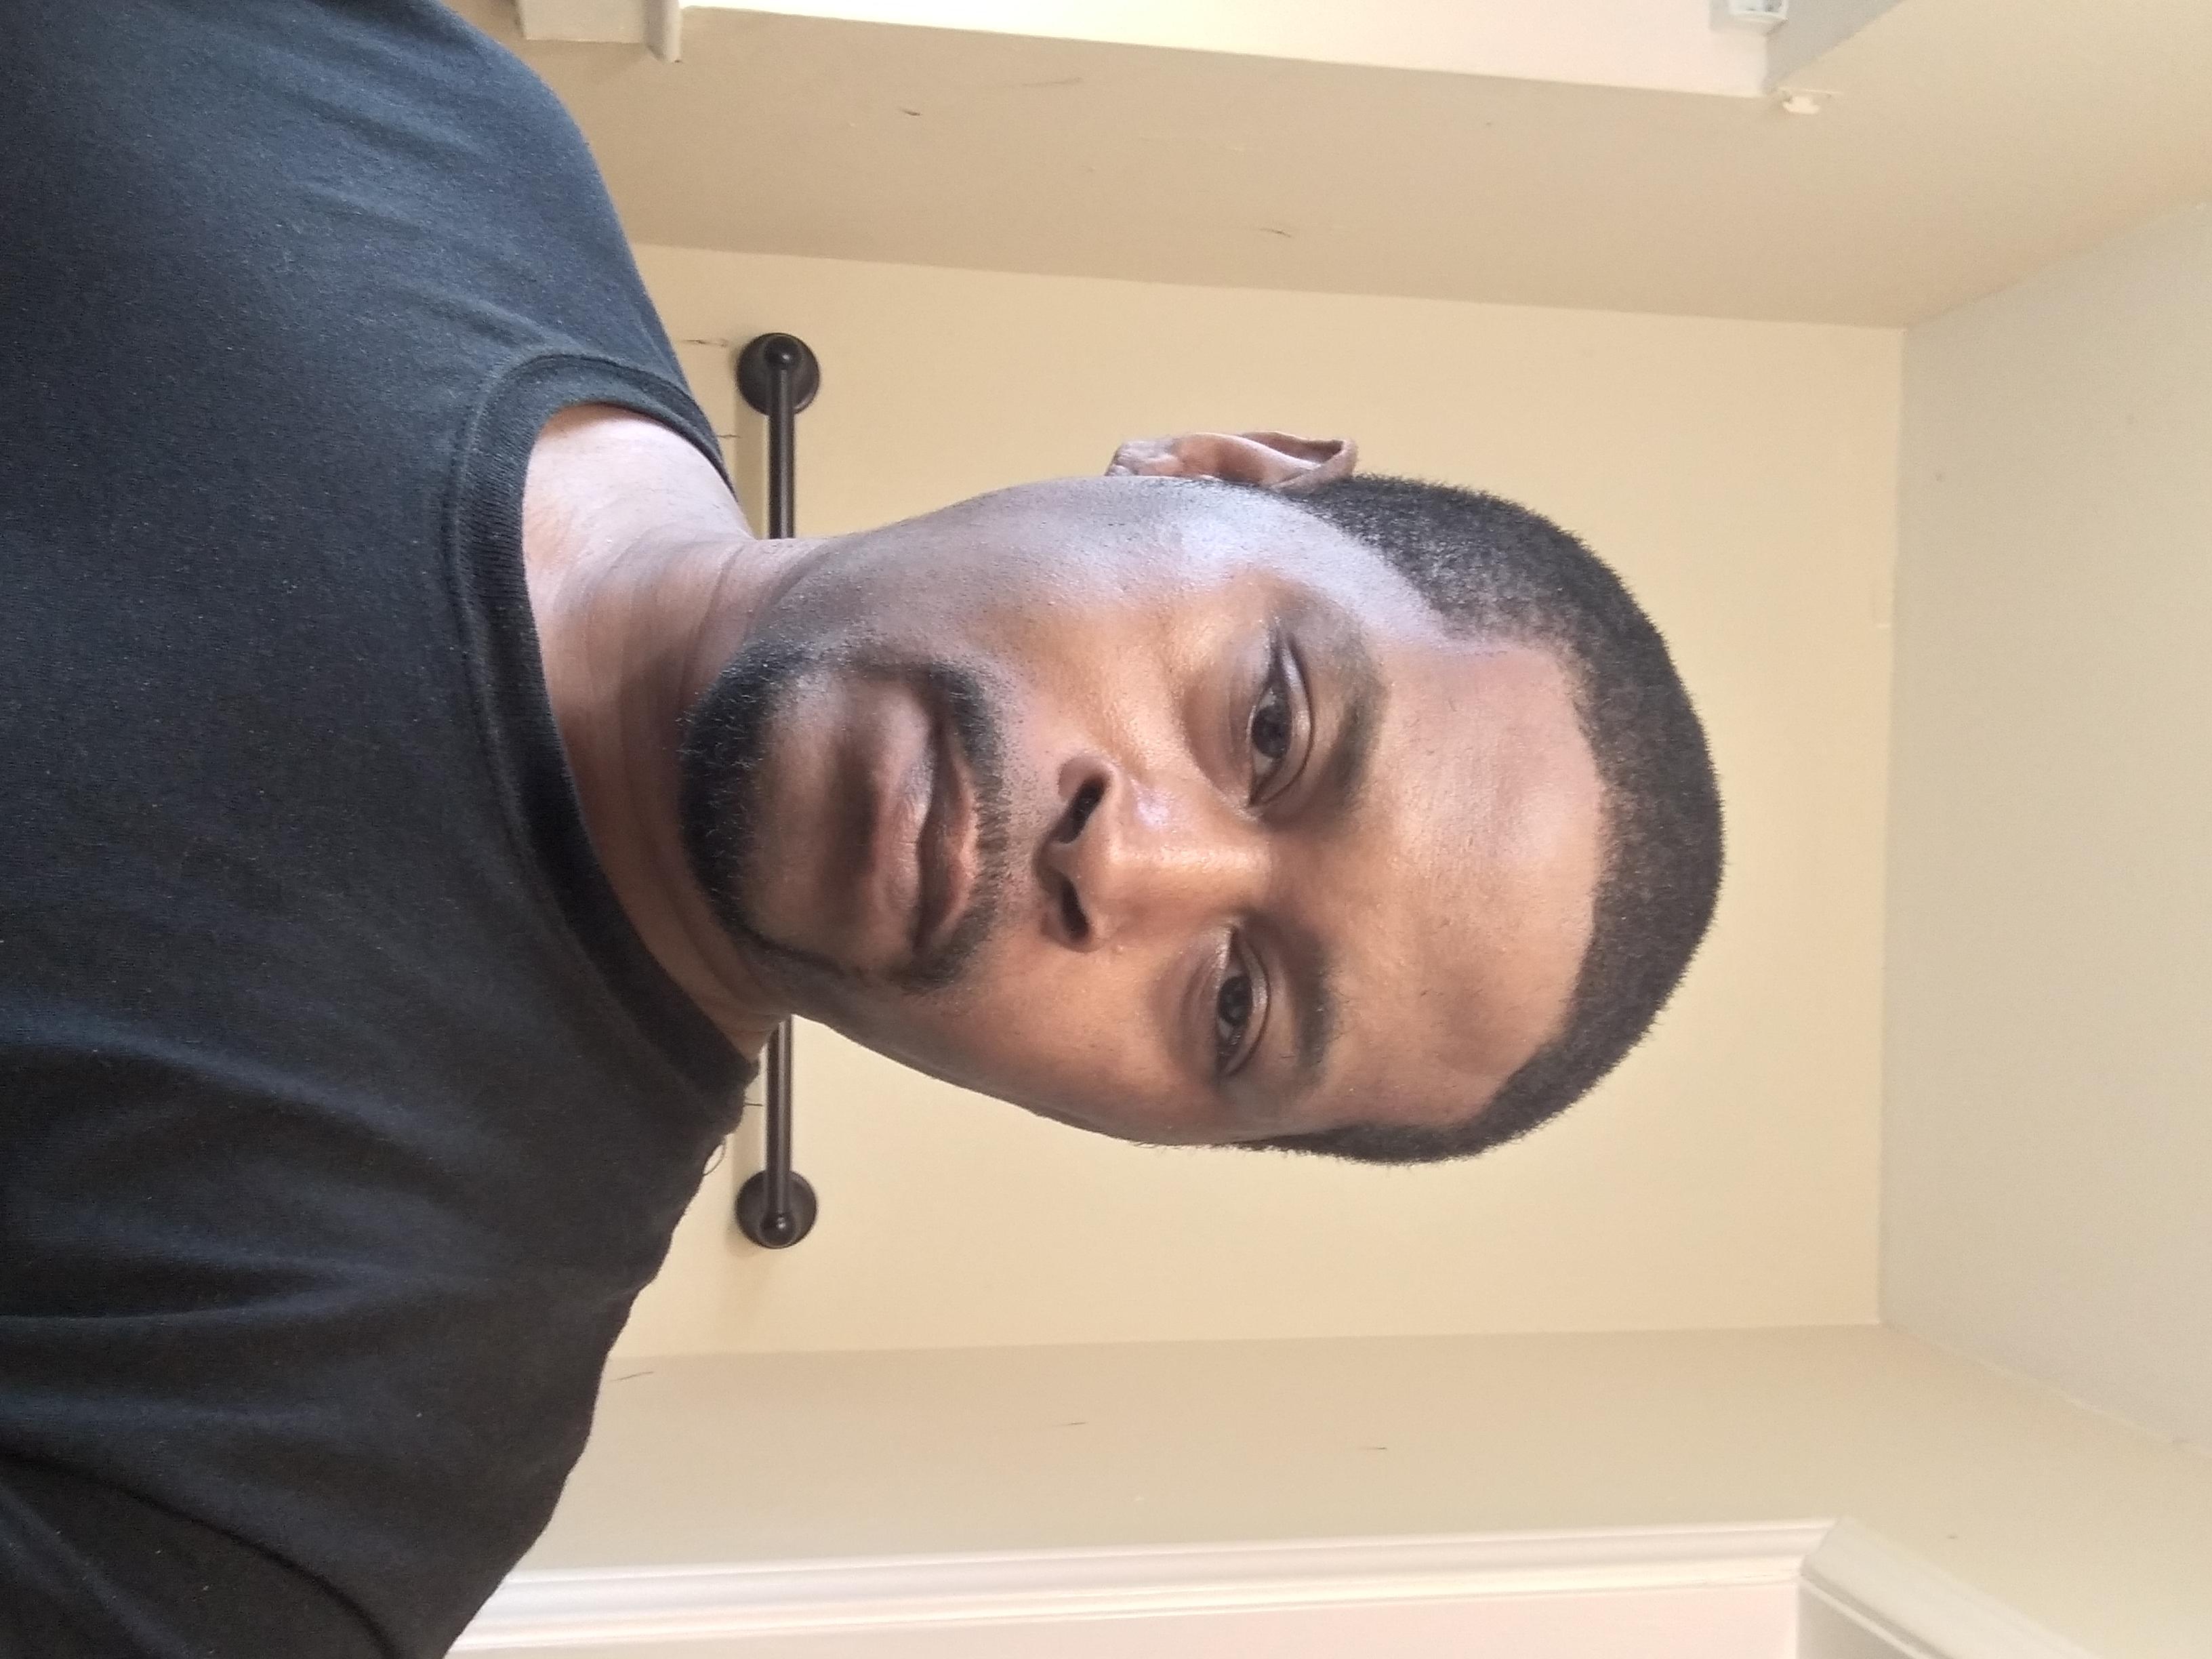 7HandsomeMan's Live Webcam